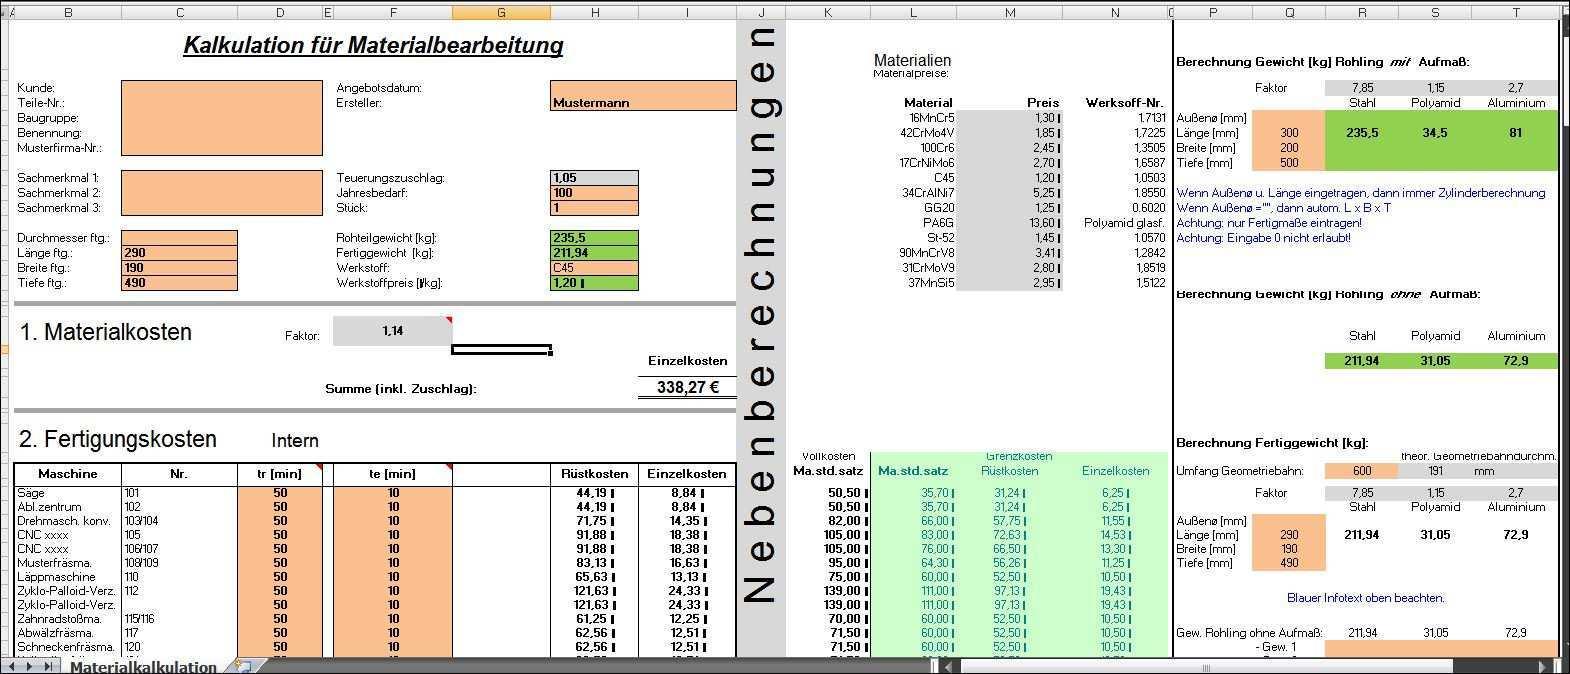 Excel Kalkulation Materialbearbeitung Berechnungs Programm Fur Maschinenbau Unternehmen